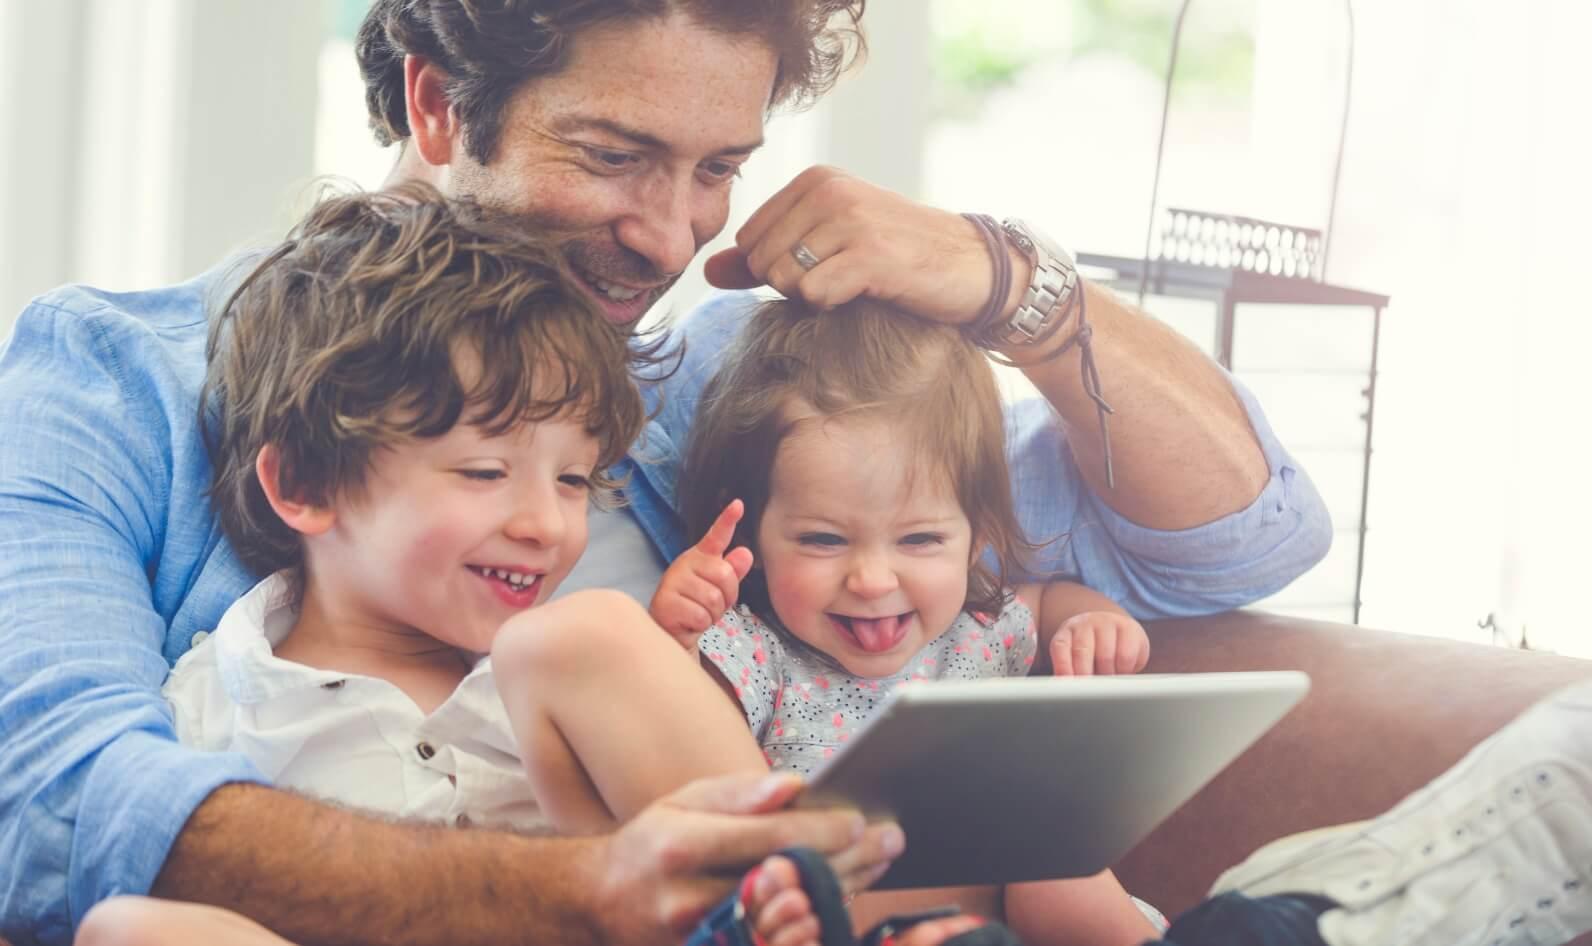 Di era digital seperti sekarang ini, orang-orang terutama anak-anak menghabiskan banyak di depan gadget. Bagi orang tua yang punya kesibukan, tentu tidak bisa setiap saat mengawasi aktivitas anak dan menimbulkan kekhawatiran. Apalagi jika mengakses situs-situs berbahaya yang berisi konten tidak pantas untuk usia anak kecil atau website yang berisi banyak virus. Orang tua harus lebih berhati-hati. Jika hal tersebut terjadi, bisa-bisa data pribadi dicuri oleh pihak yang tidak bertanggung jawab. Itu disebabkan karena tingkat cyber security Indonesia yang masih lemah. Google punya solusinya dengan menghadirkan Google Family Link. Bagaimana cara kerjanya? Yuk, cari tau! Apa itu Google Family Link? Google Family Link memungkinkan kontrol di seluruh grup keluarga dan membantu orang tua dalam mengontrol perangkat anak. Pengguna Google Family Link bisa mengontrol aktivitas anak dari jarak jauh, termasuk batas waktu di depan layar, mengetahui lokasi perangkat, dan izin penginstalan. Bagaimana Cara Mengontrol Aktivitas Anak? Dengan Family Link, orang tua dapat menyetujui atau memblokir aplikasi yang ingin diinstal anak Anda dari Google Play Store. Kamu bisa turut memantau dan membatasi waktu layar, termasuk memeriksa berapa banyak waktu yang dihabiskan anak di aplikasi favorit mereka lewat laporan aktivitas mingguan atau bulanan. Menariknya lagi, Google Family Link juga menawarkan fitur batas waktu layar harian di perangkat. Fitur-fitur lainnya seperti: Mengelola kontrol orang tua di seluruh layanan Google Mengelola aplikasi yang digunakan anak Menyetujui atau memblokir aplikasi yang ingin dipasang dari Google Play Store. Melihat berapa banyak waktu yang dihabiskan anak di aplikasi mereka dengan laporan aktivitas mingguan atau bulanan Menyetel batas waktu layar harian untuk perangkat anak Menyetel batas harian untuk masing-masing aplikasi Menyetel waktu tidur perangkat Melihat lokasi perangkat anak Mengunci perangkat dari jarak jauh Melihat semua perangkat yang digunakan untuk